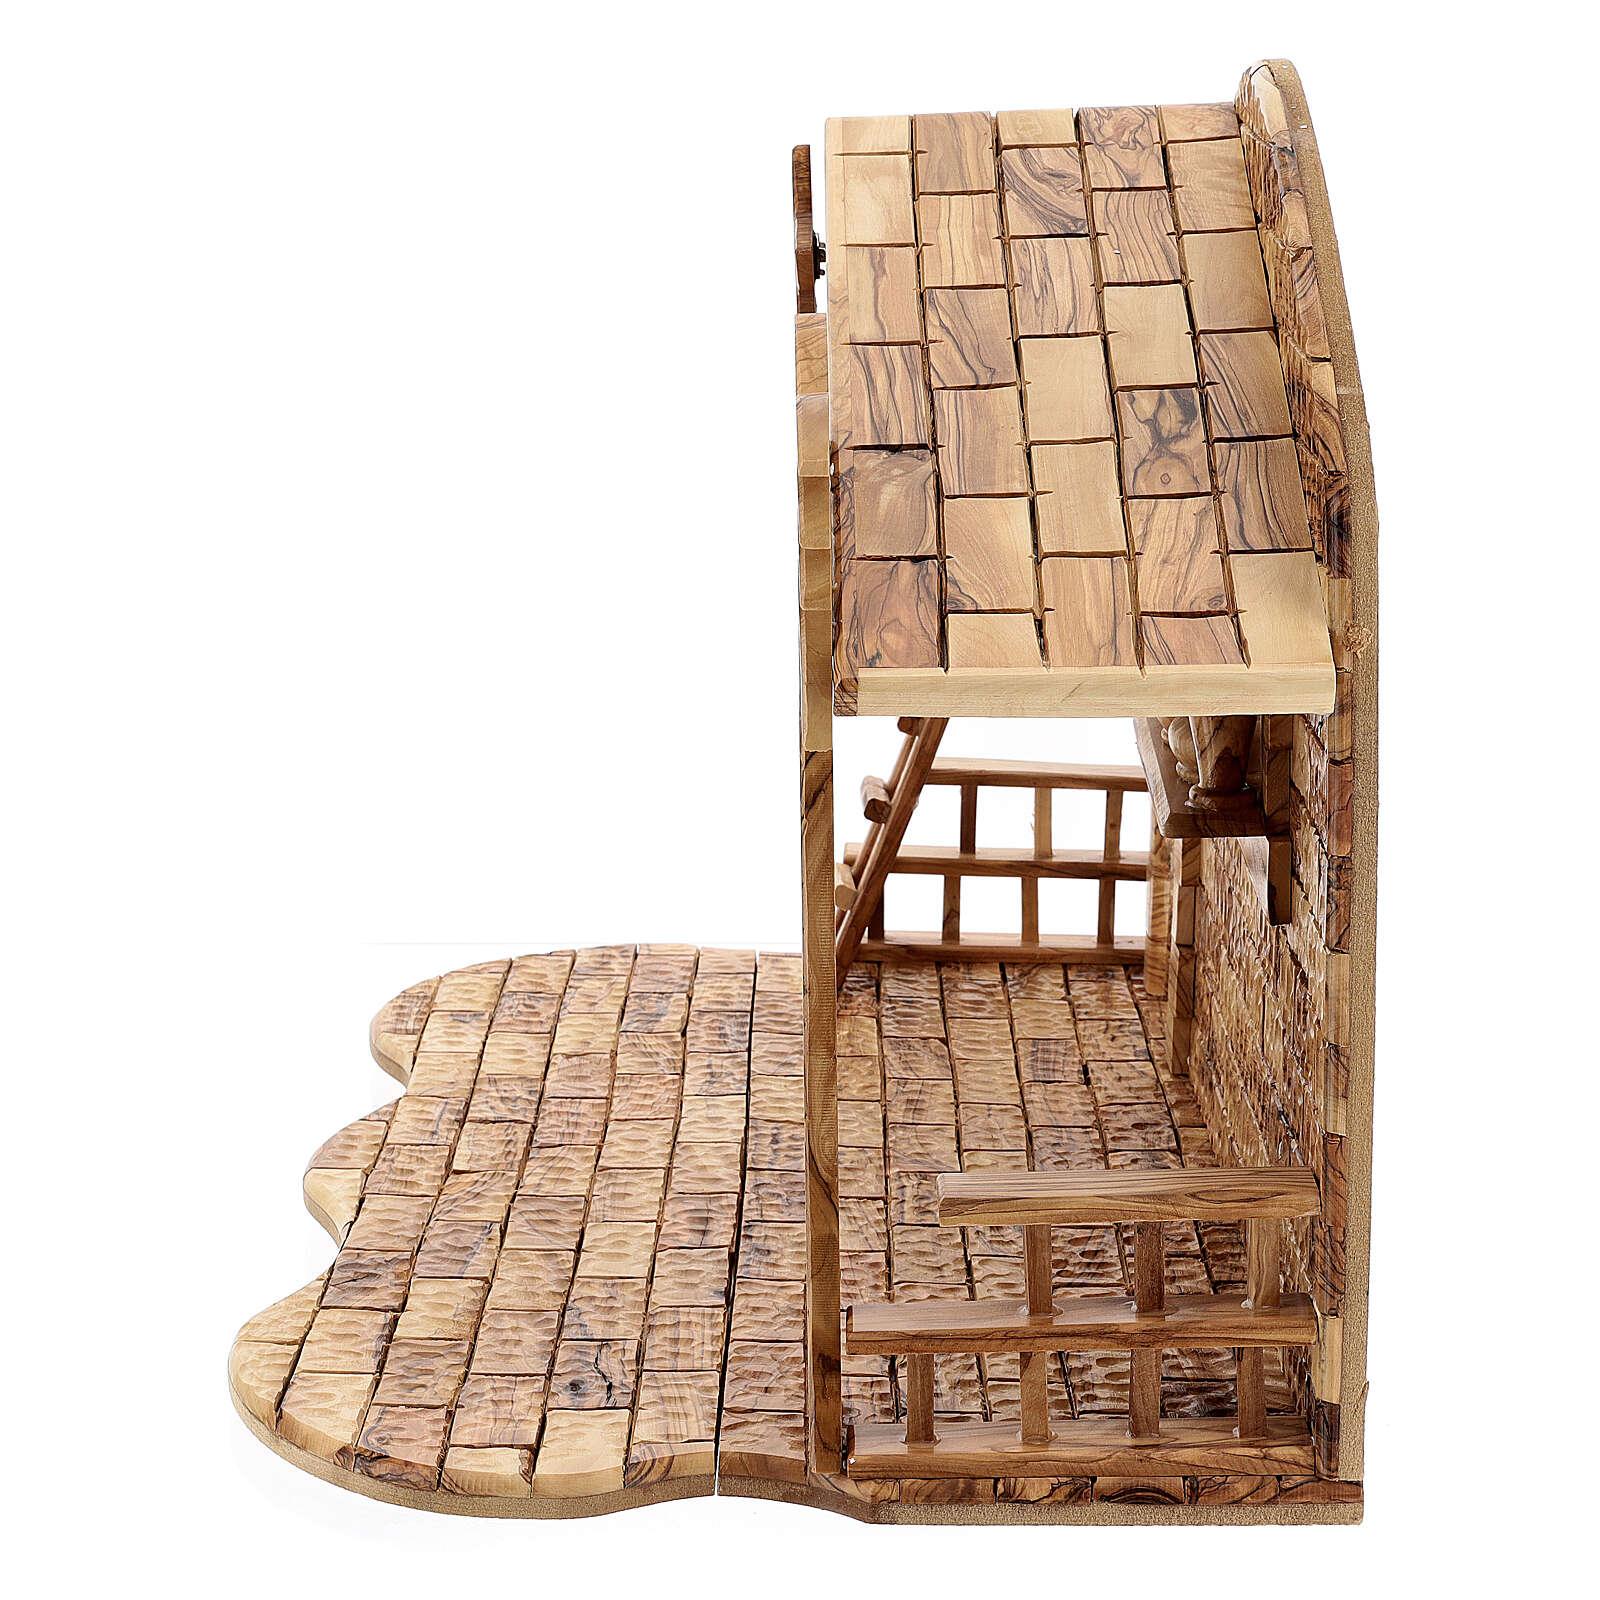 Capanna Natività 14 statue 20 cm carillon legno ulivo Palestina 45x65x35 cm 4